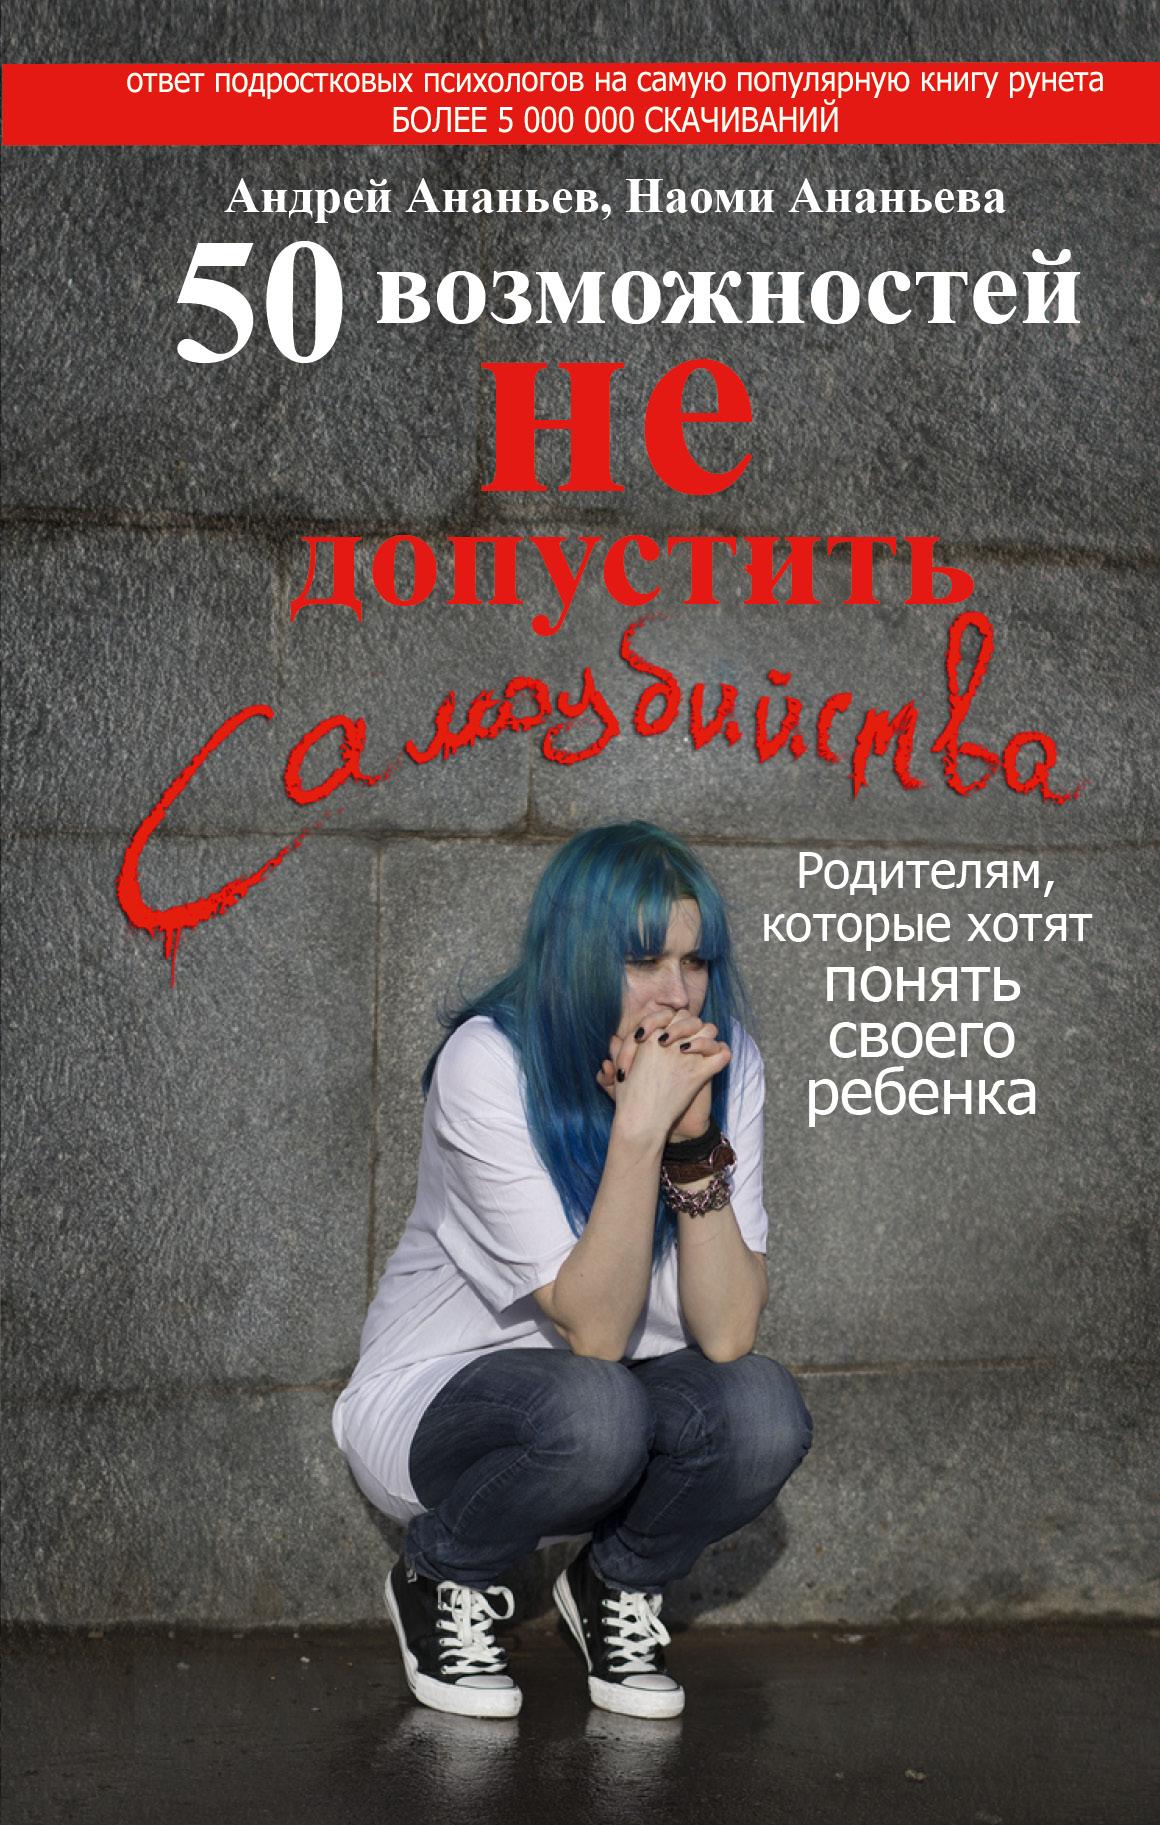 50 возможностей не допустить самоубийства. Родителям, которые хотят понять своего ребенка ( Ананьев Андрей, Ананьева Наоми  )